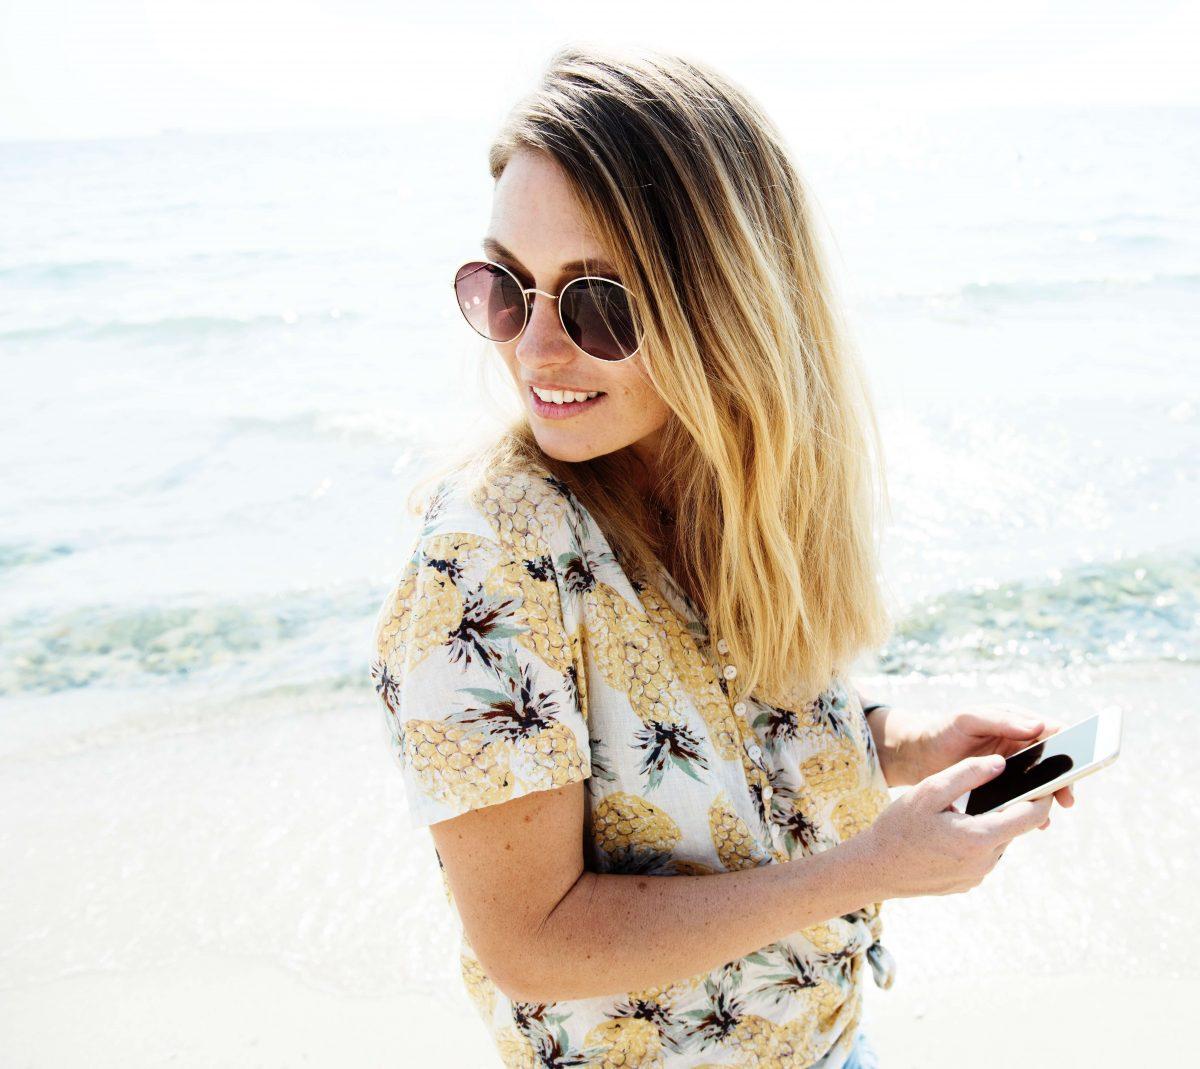 Online Marketing im Sommerloch - mit diesen 7 Tipps bist du erfolgreich 3